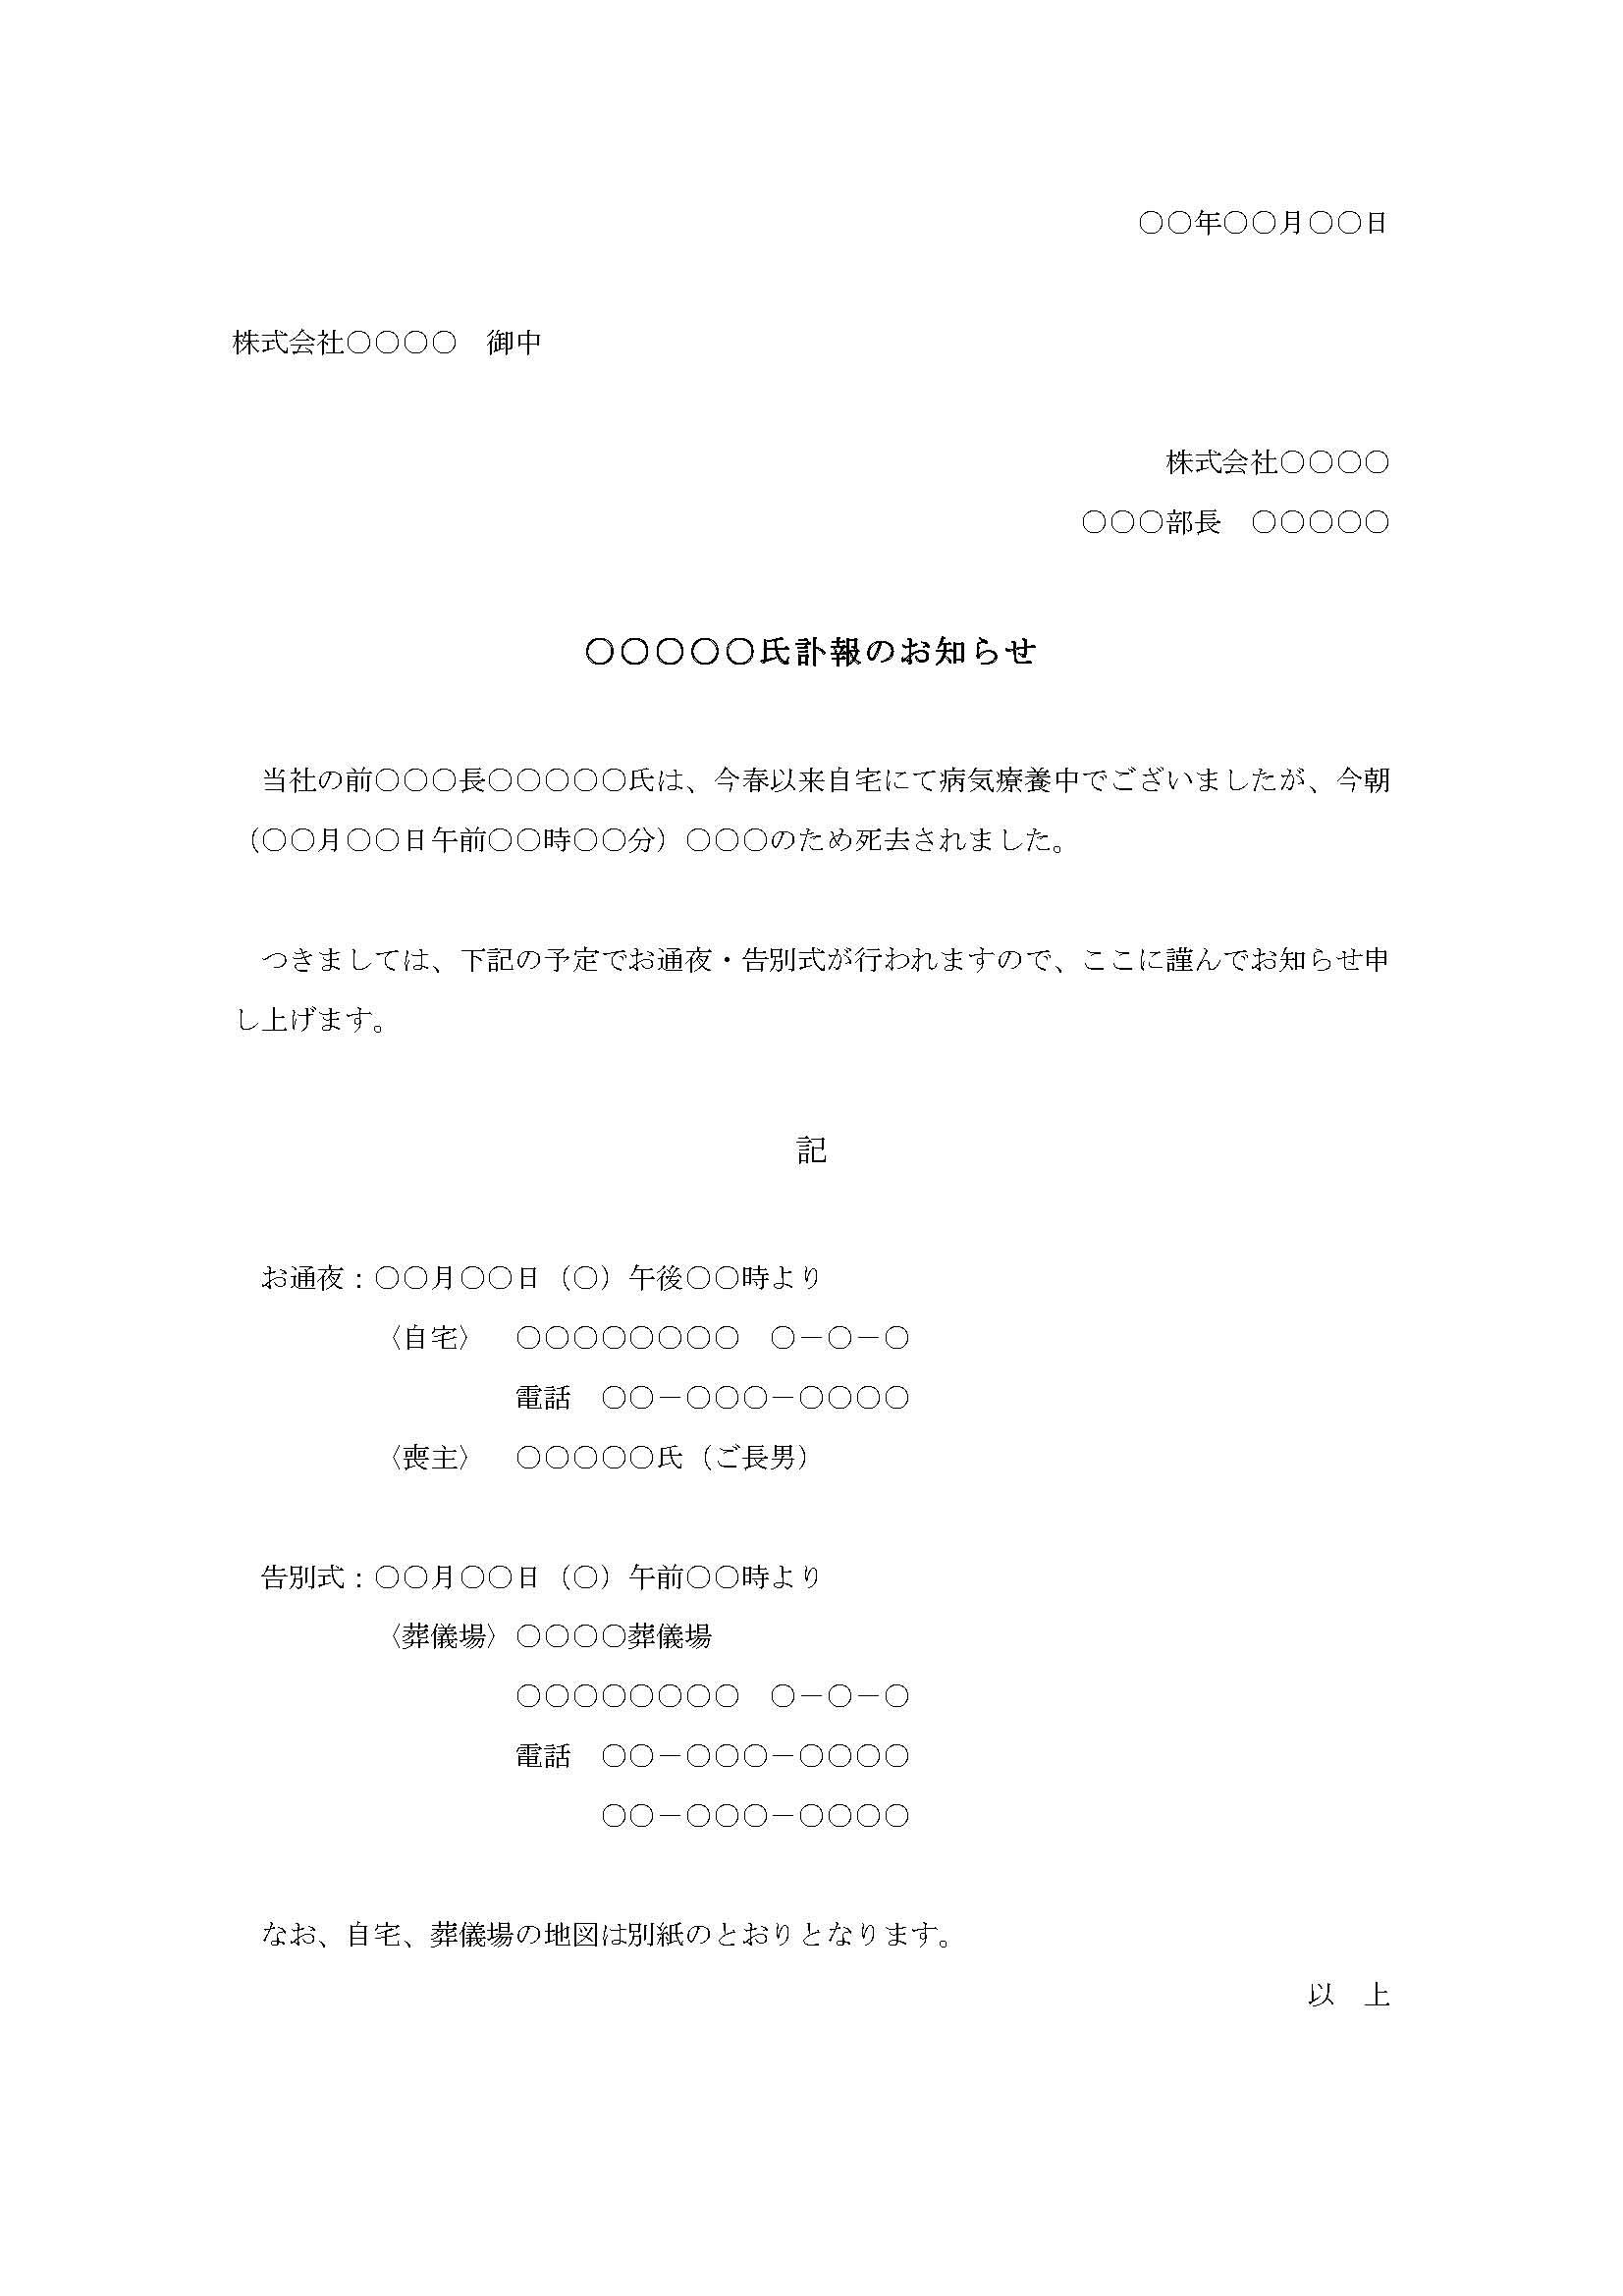 お知らせ(訃報)